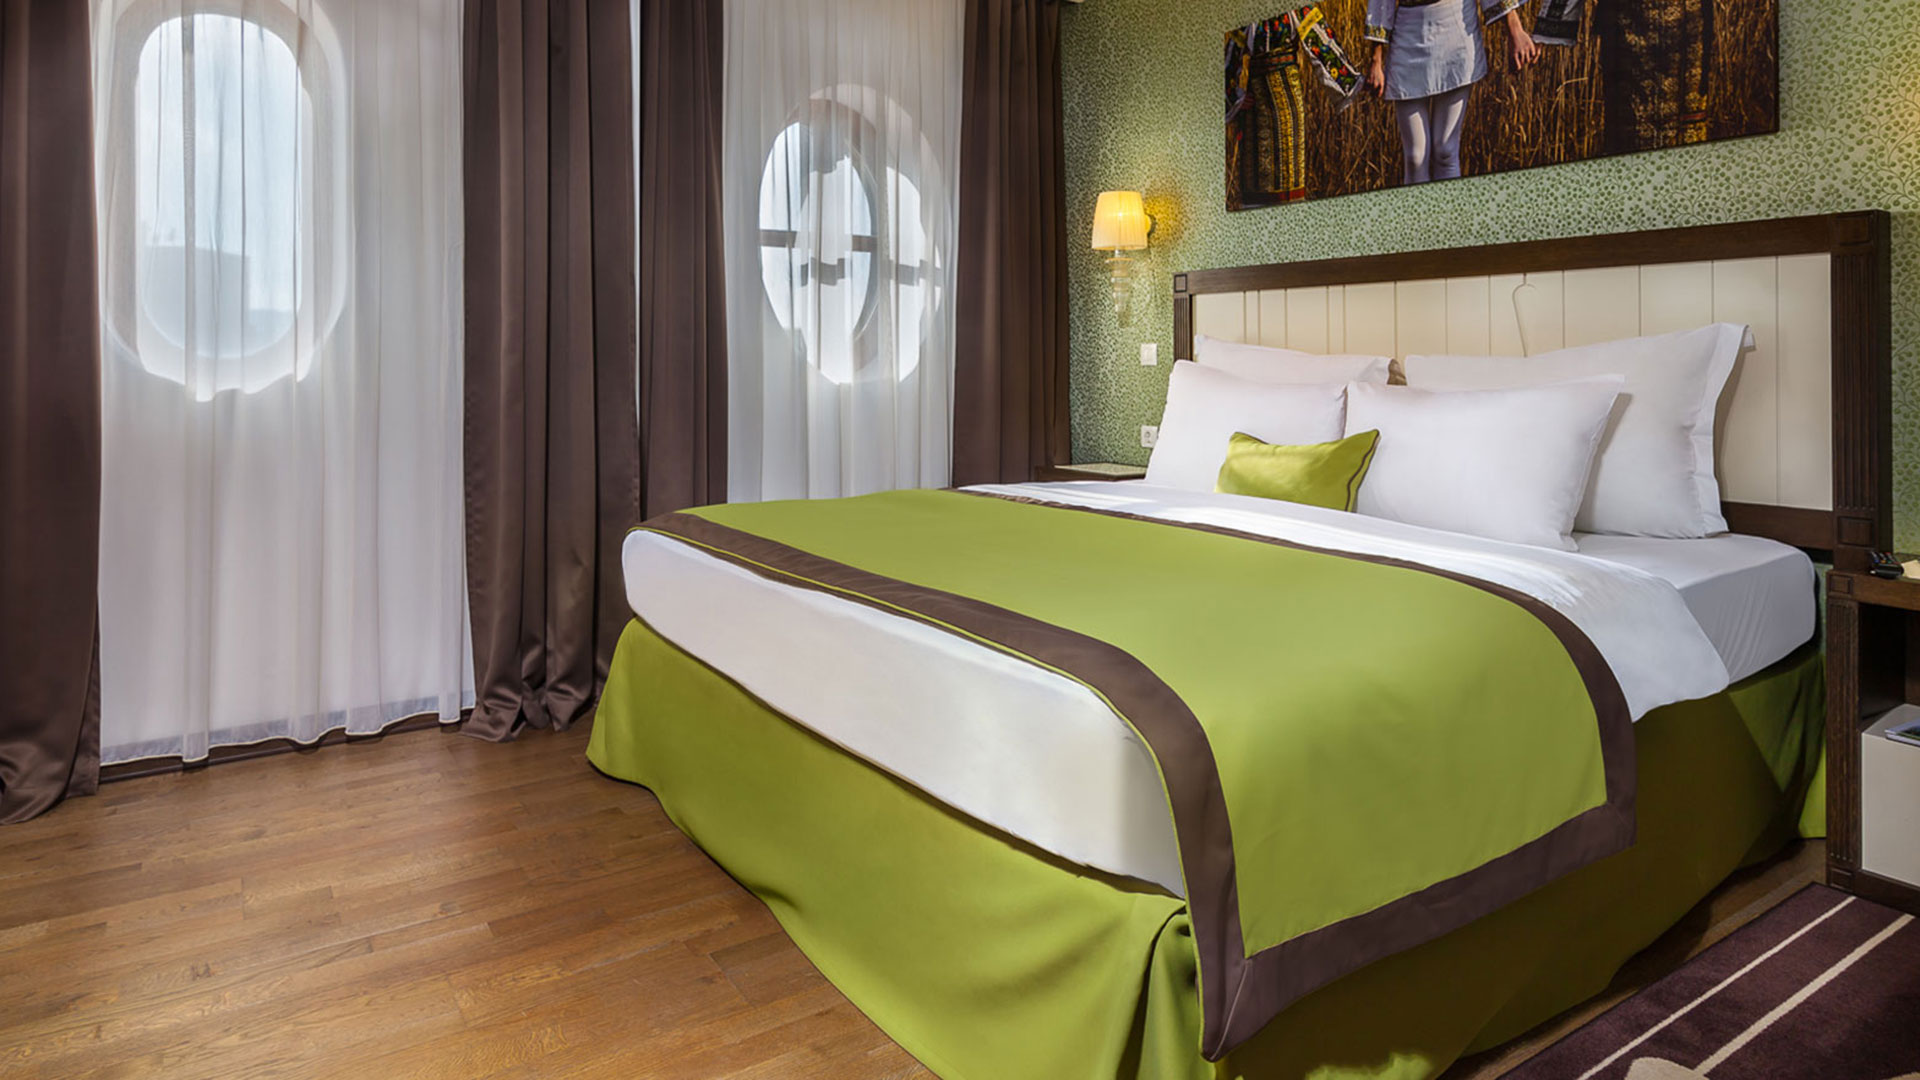 Hotel Epoque - Relais & Châteaux